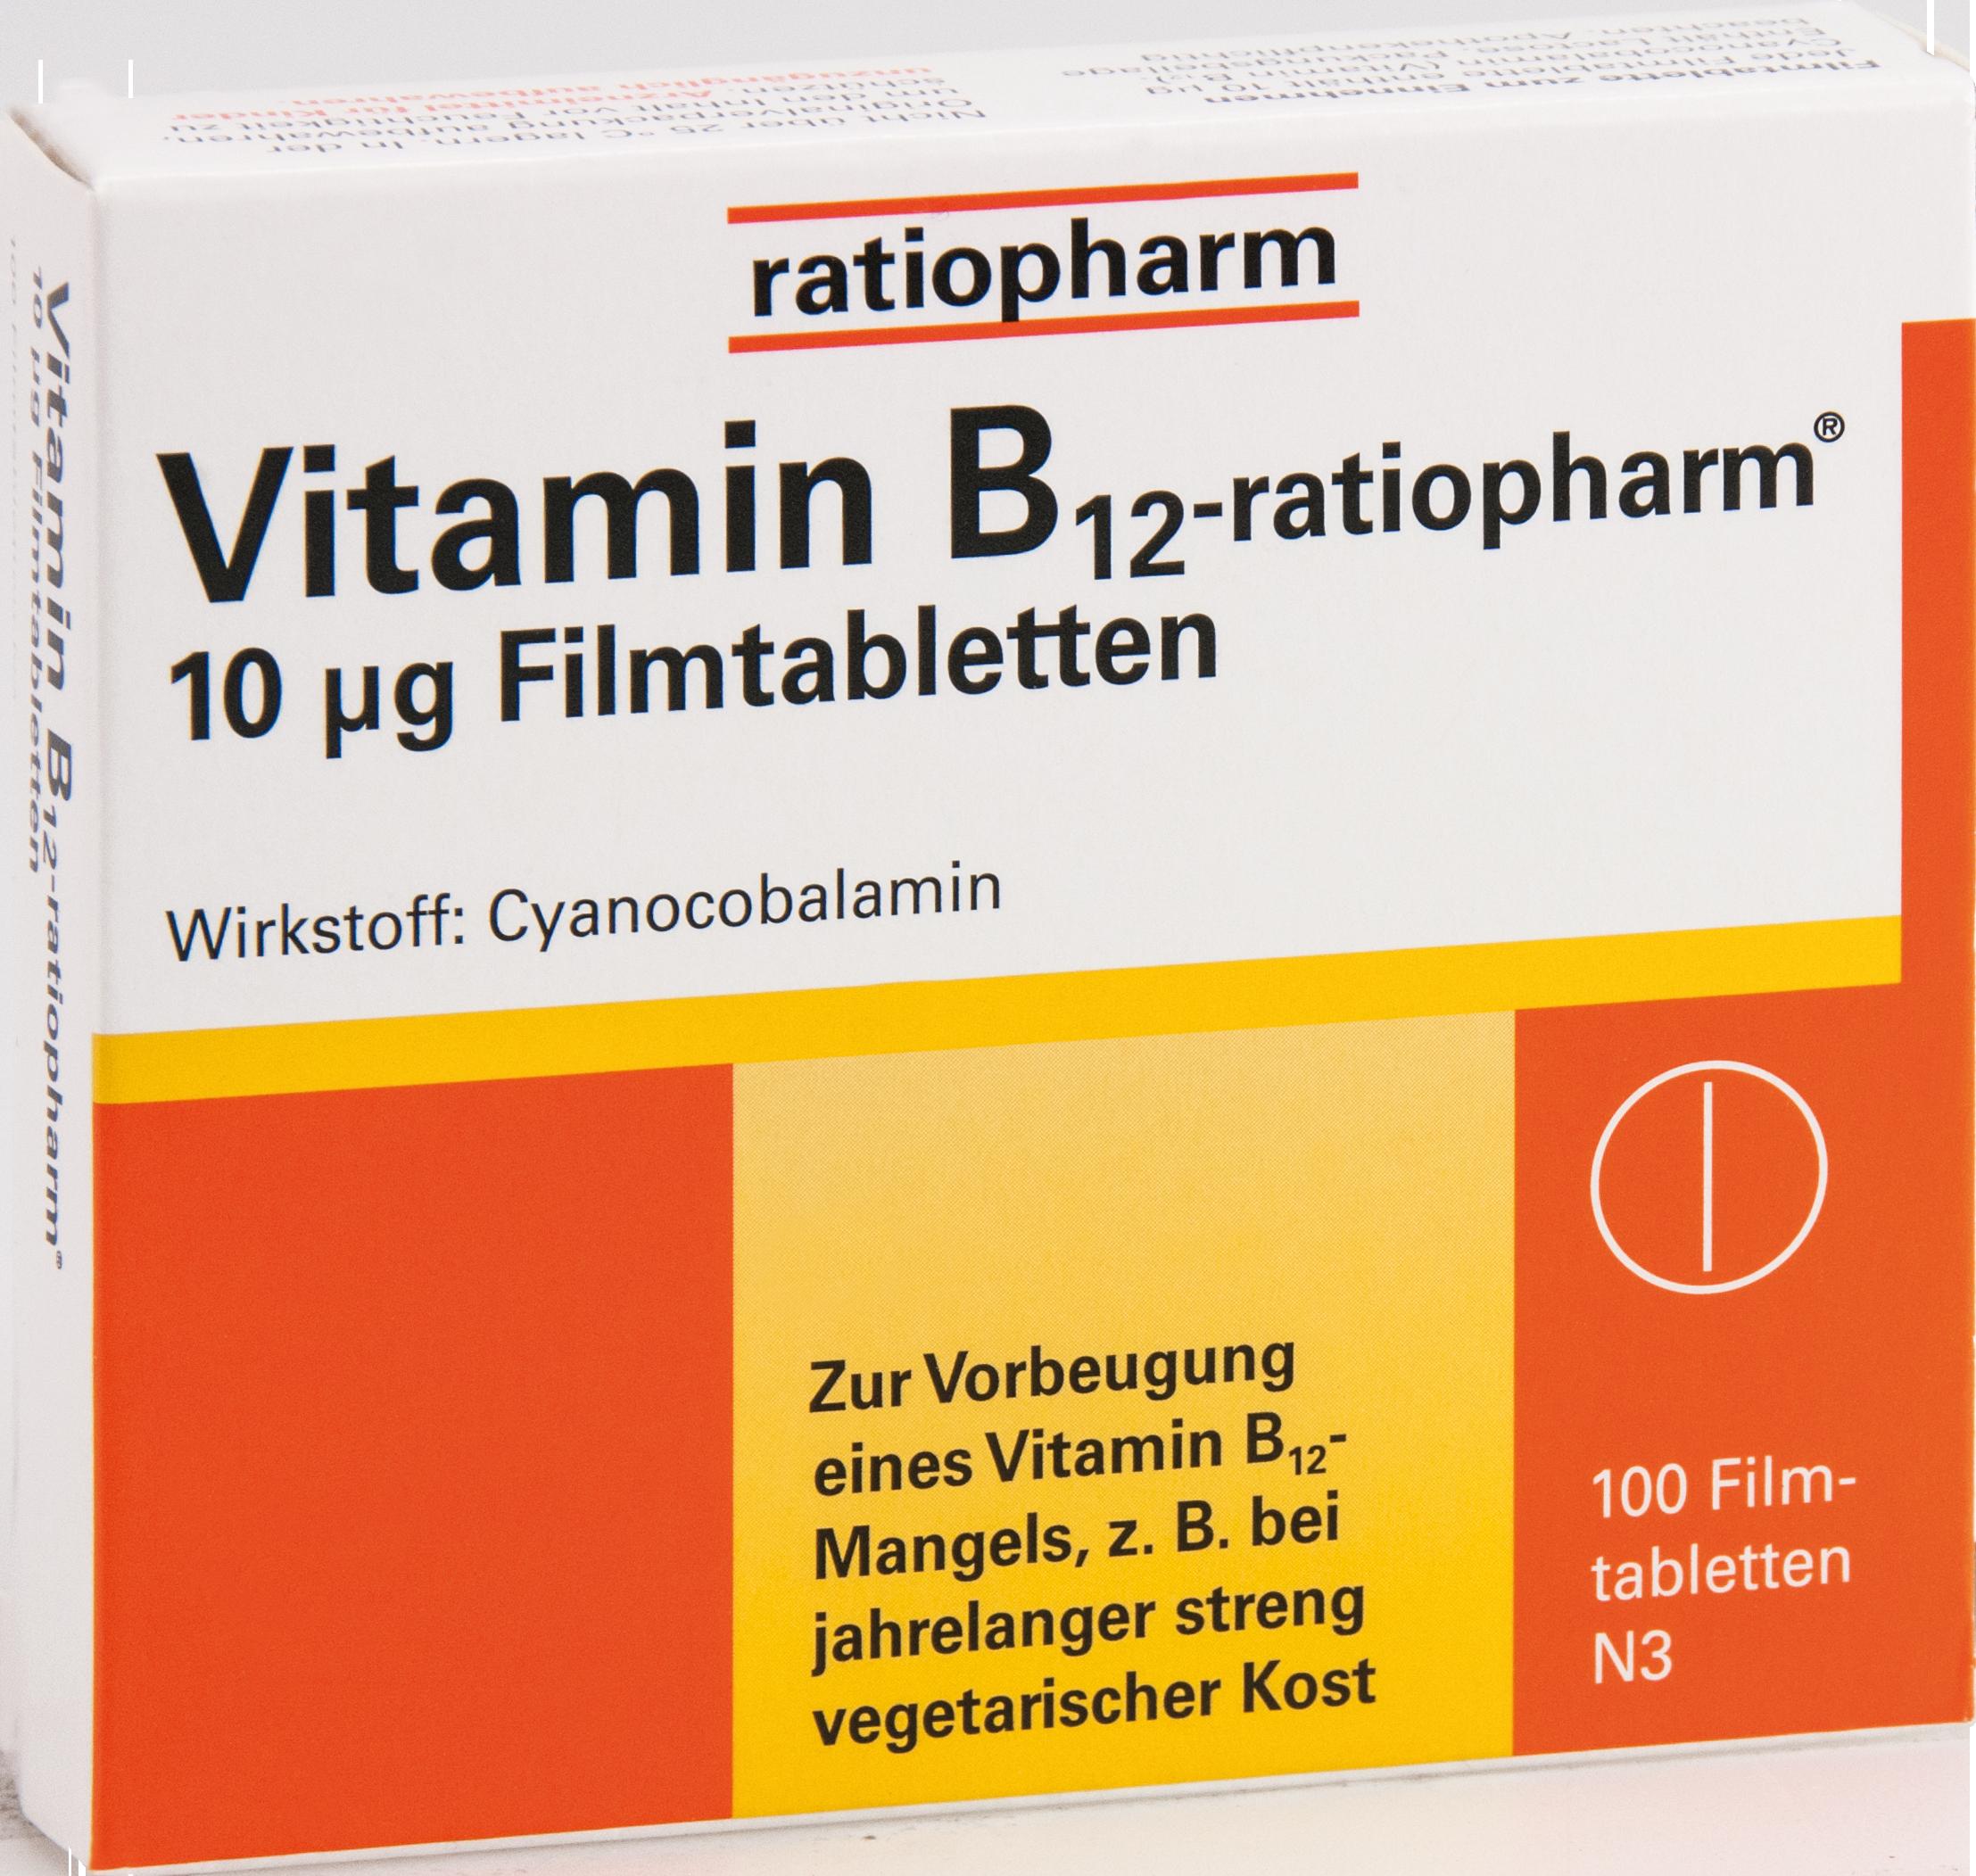 Vitamin-B12-ratiopharm 10ug Filmtabletten